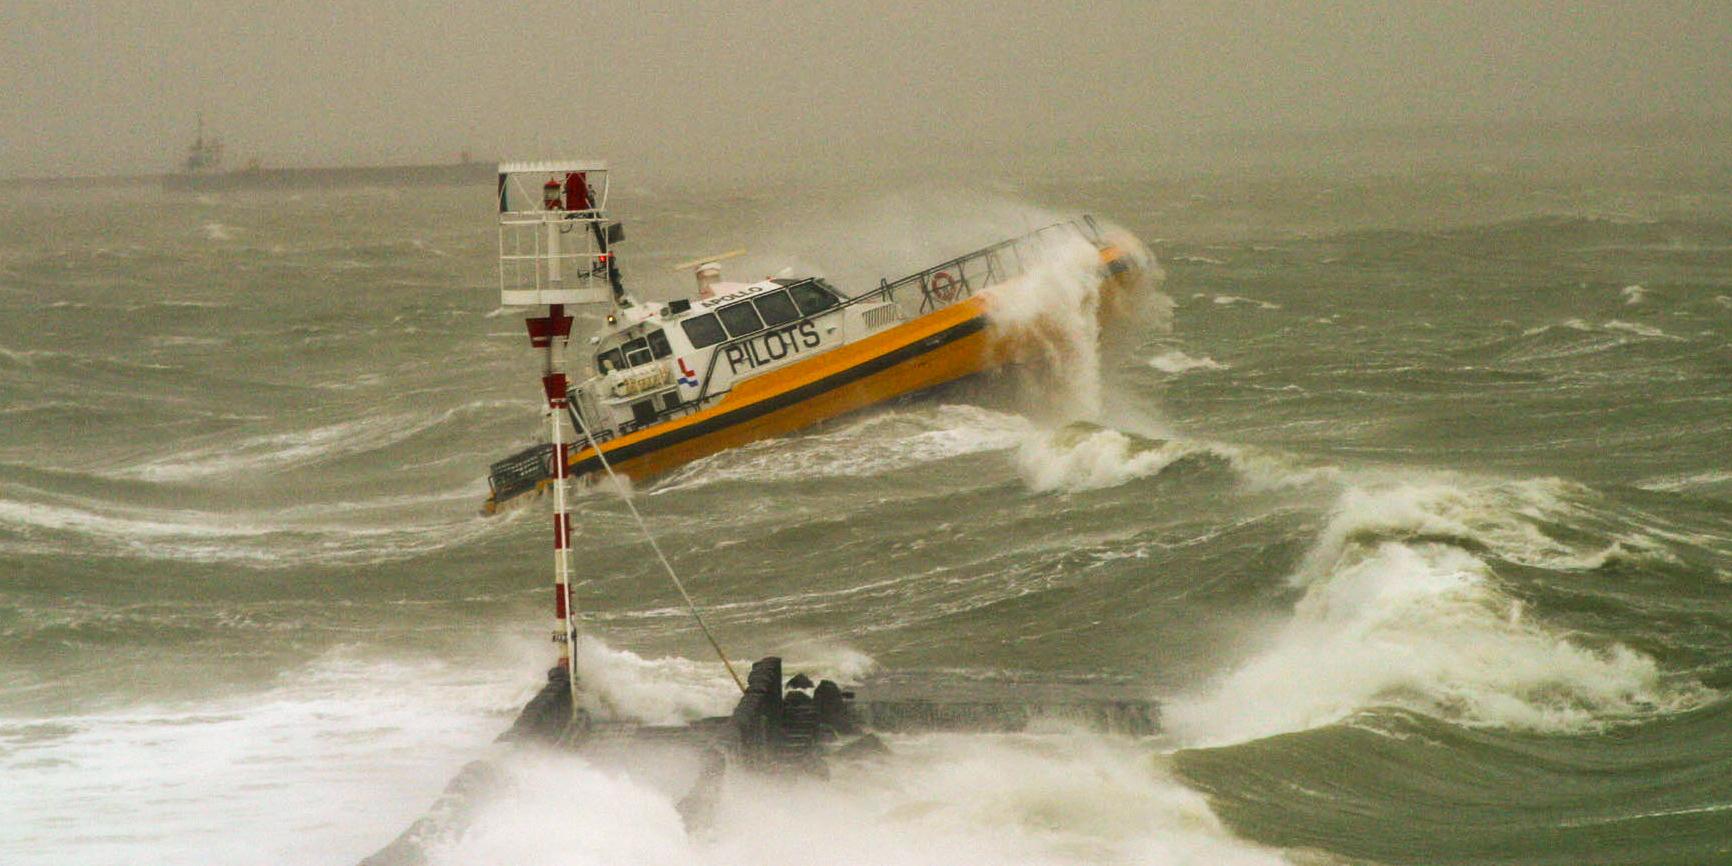 Koninklijke Nederlandse Vereniging Onze Vloot